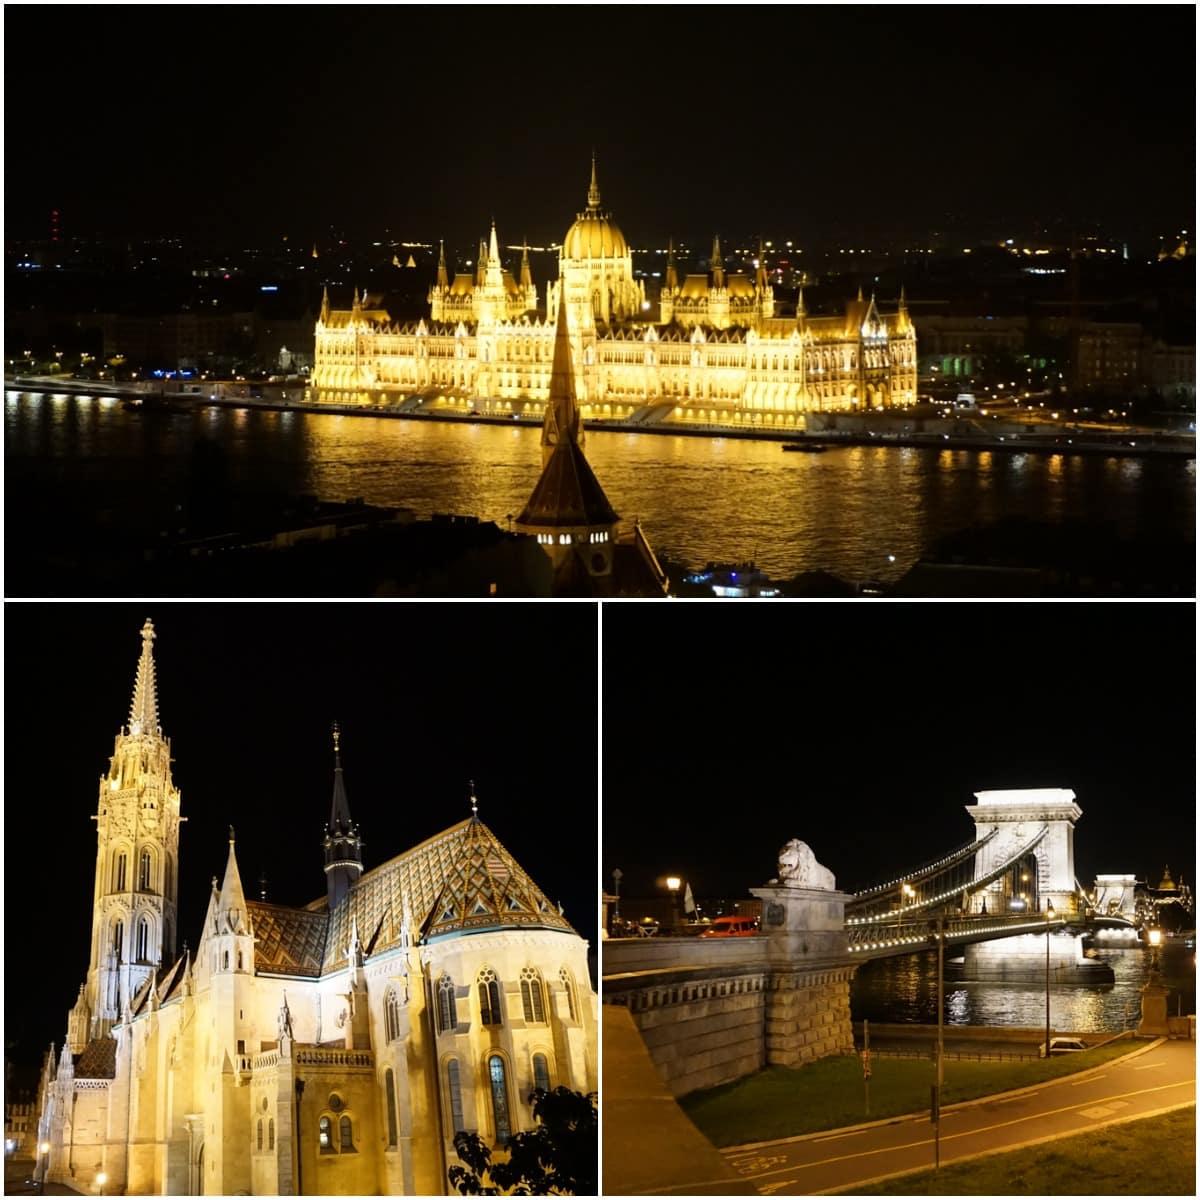 parlement église pont budapest